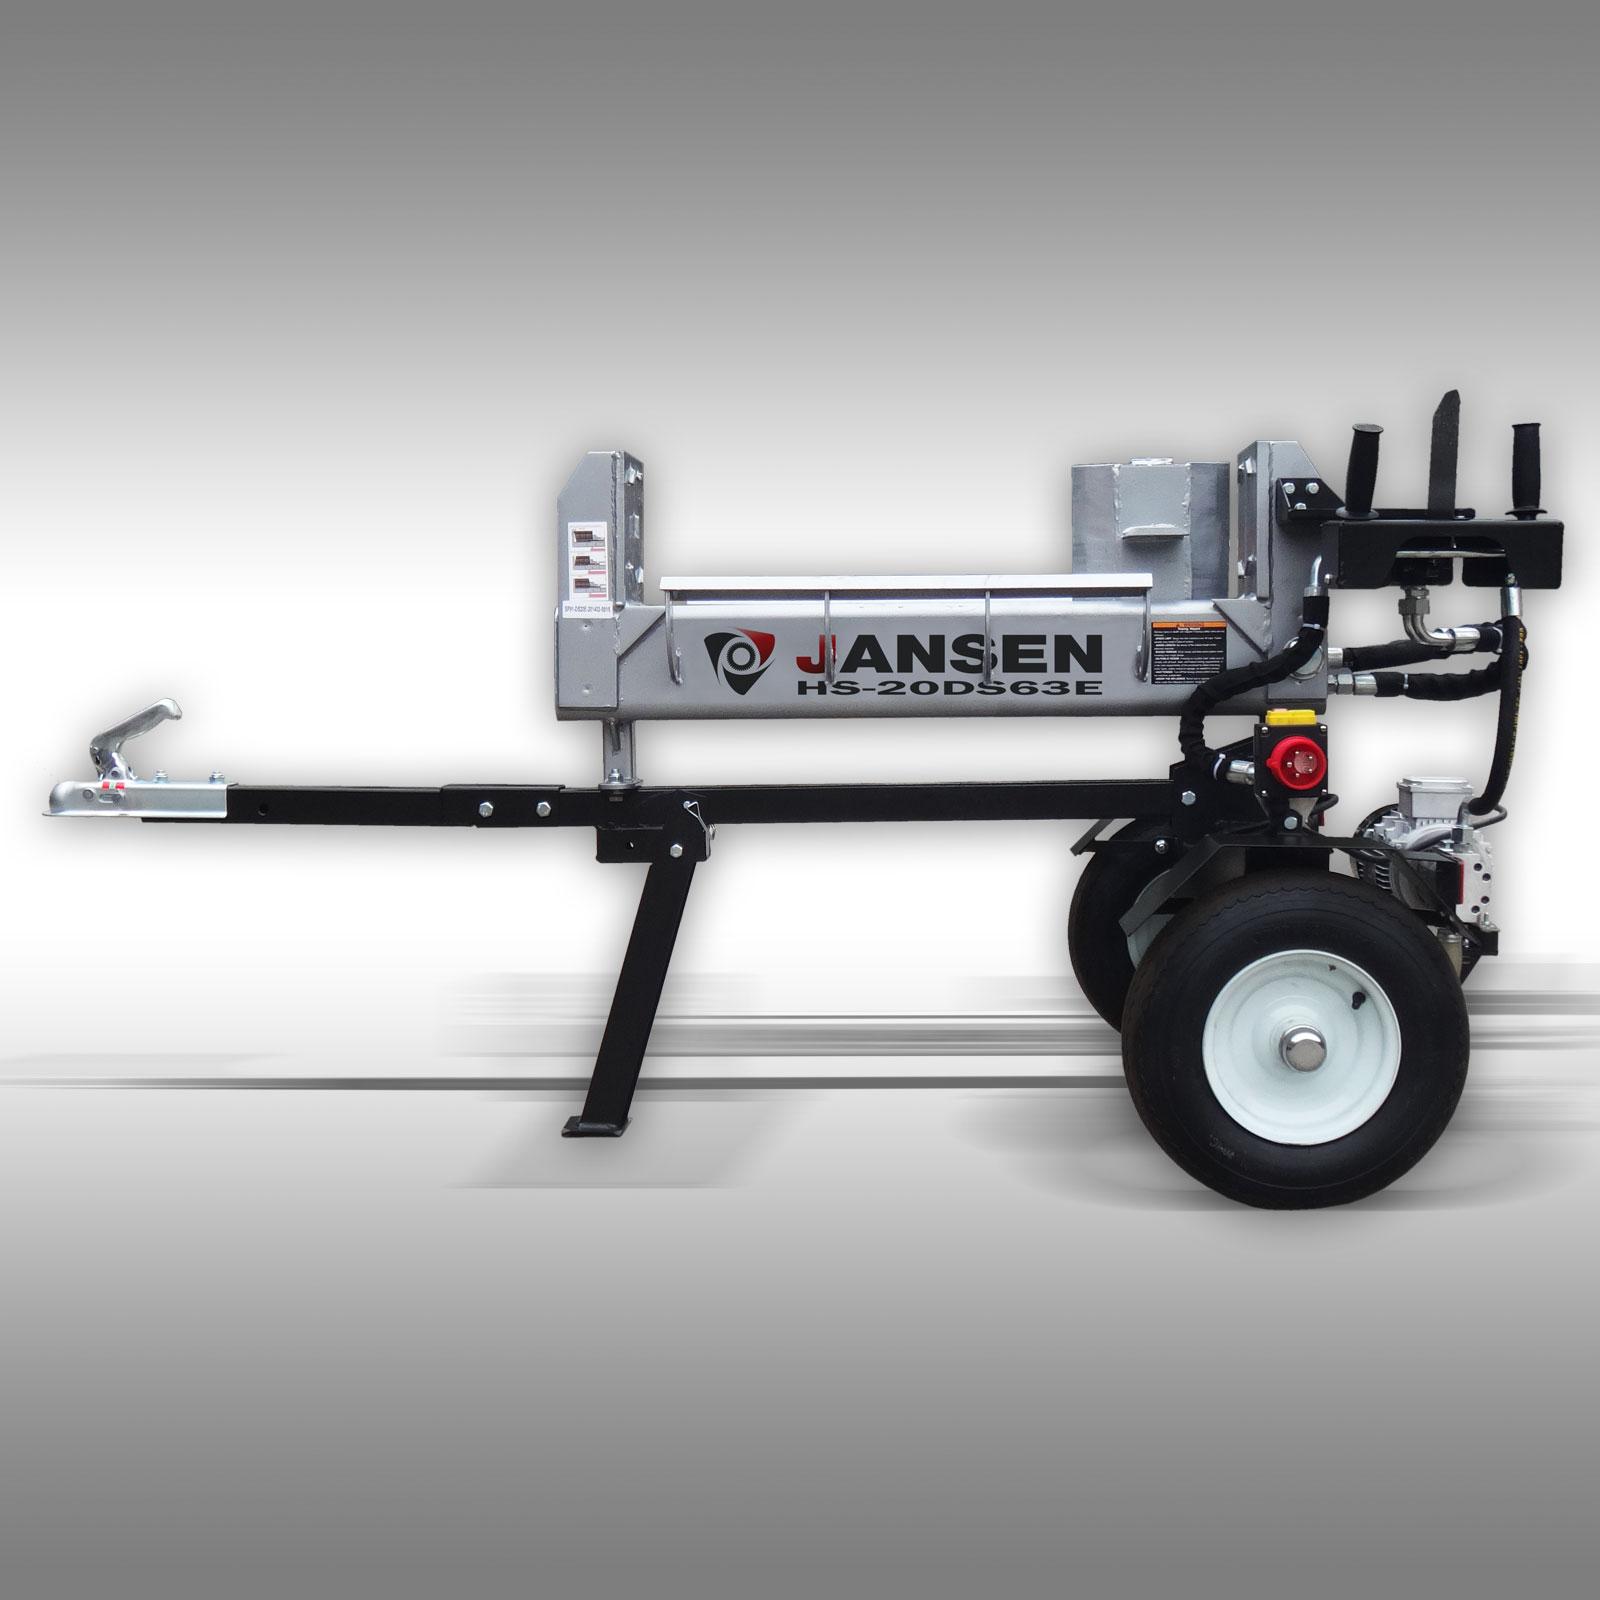 Jansen Houtklover HS-20DS63E elektro, 20 t, 63 cm, dubbelwerkende kloofmachine